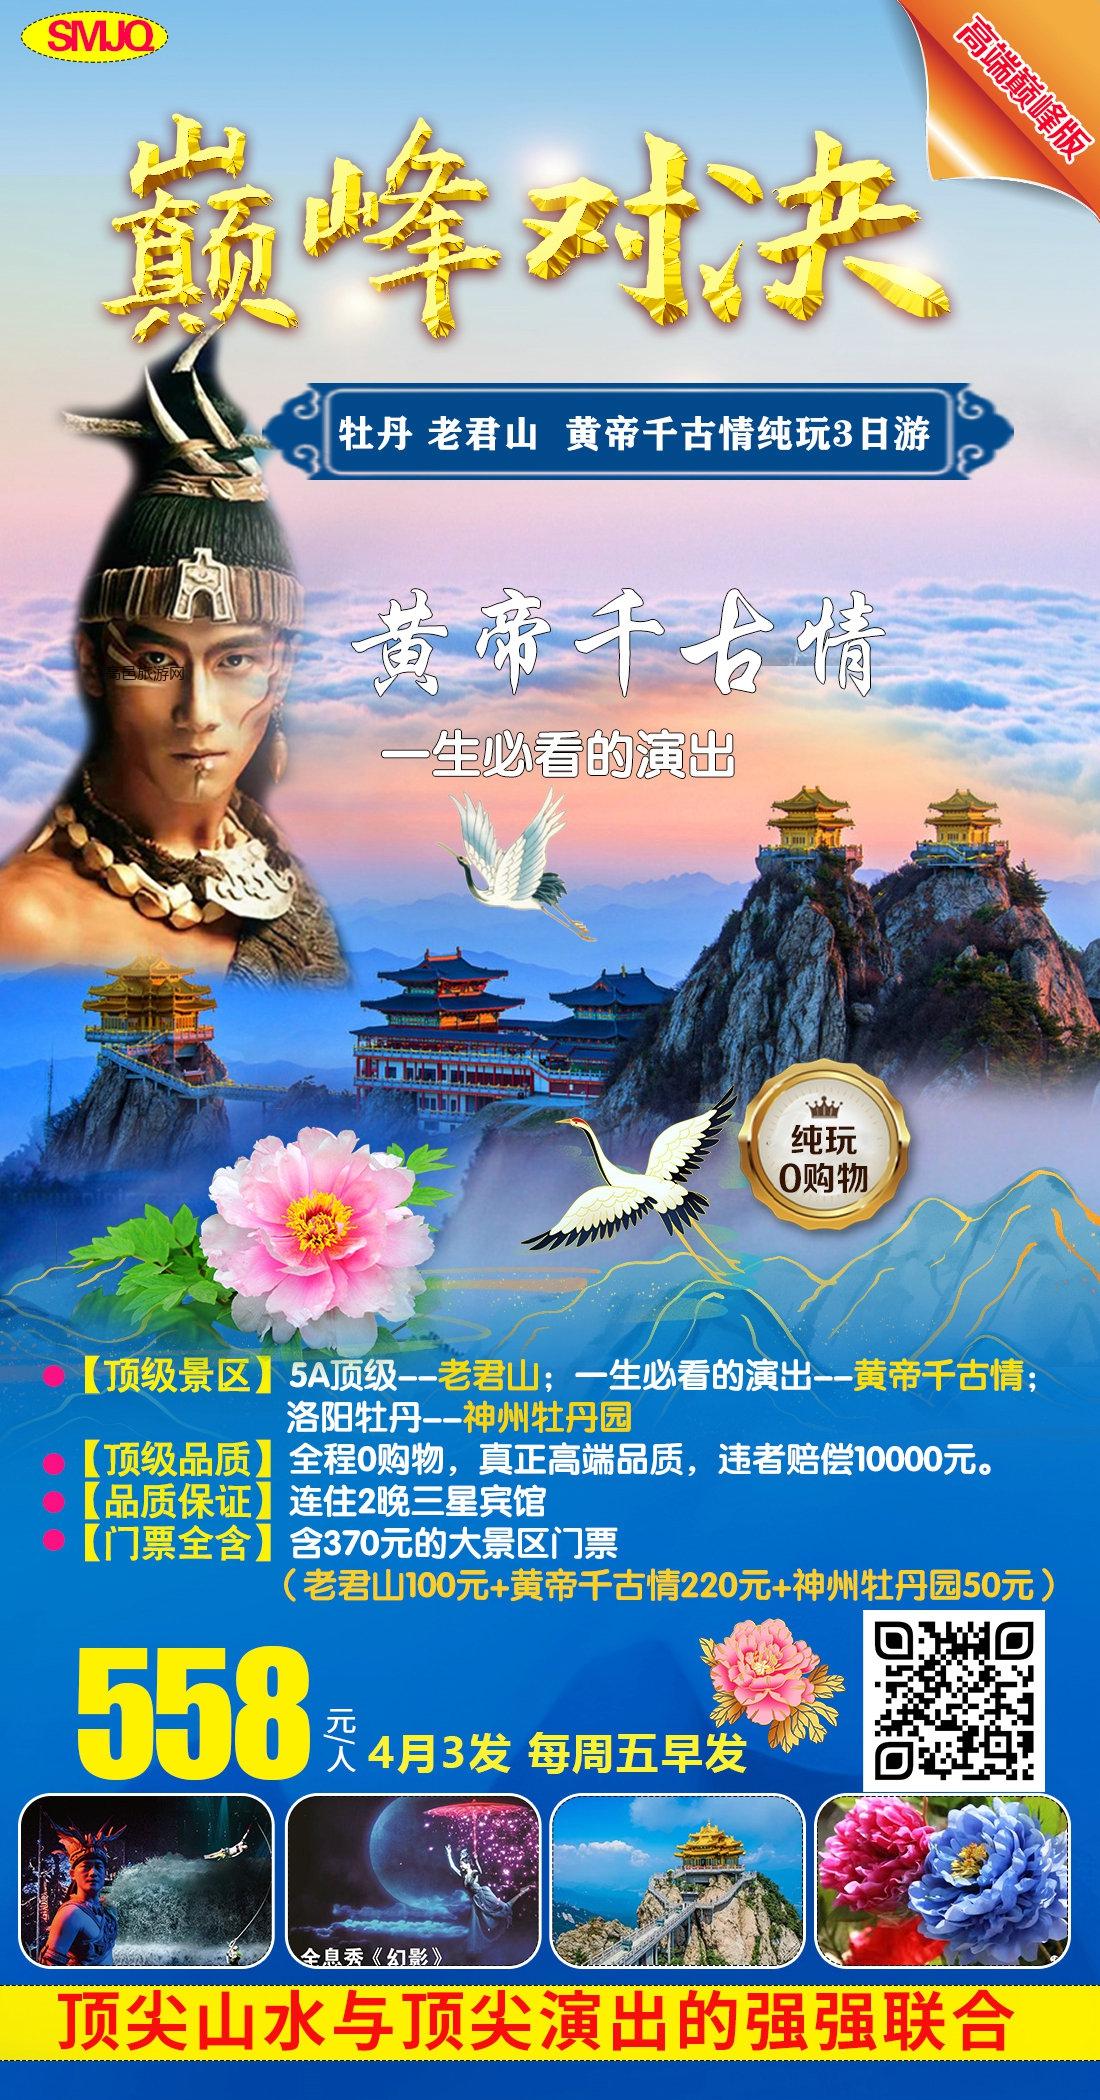 春暖花开看牡丹→2-3日踏青赏花纯玩旅游